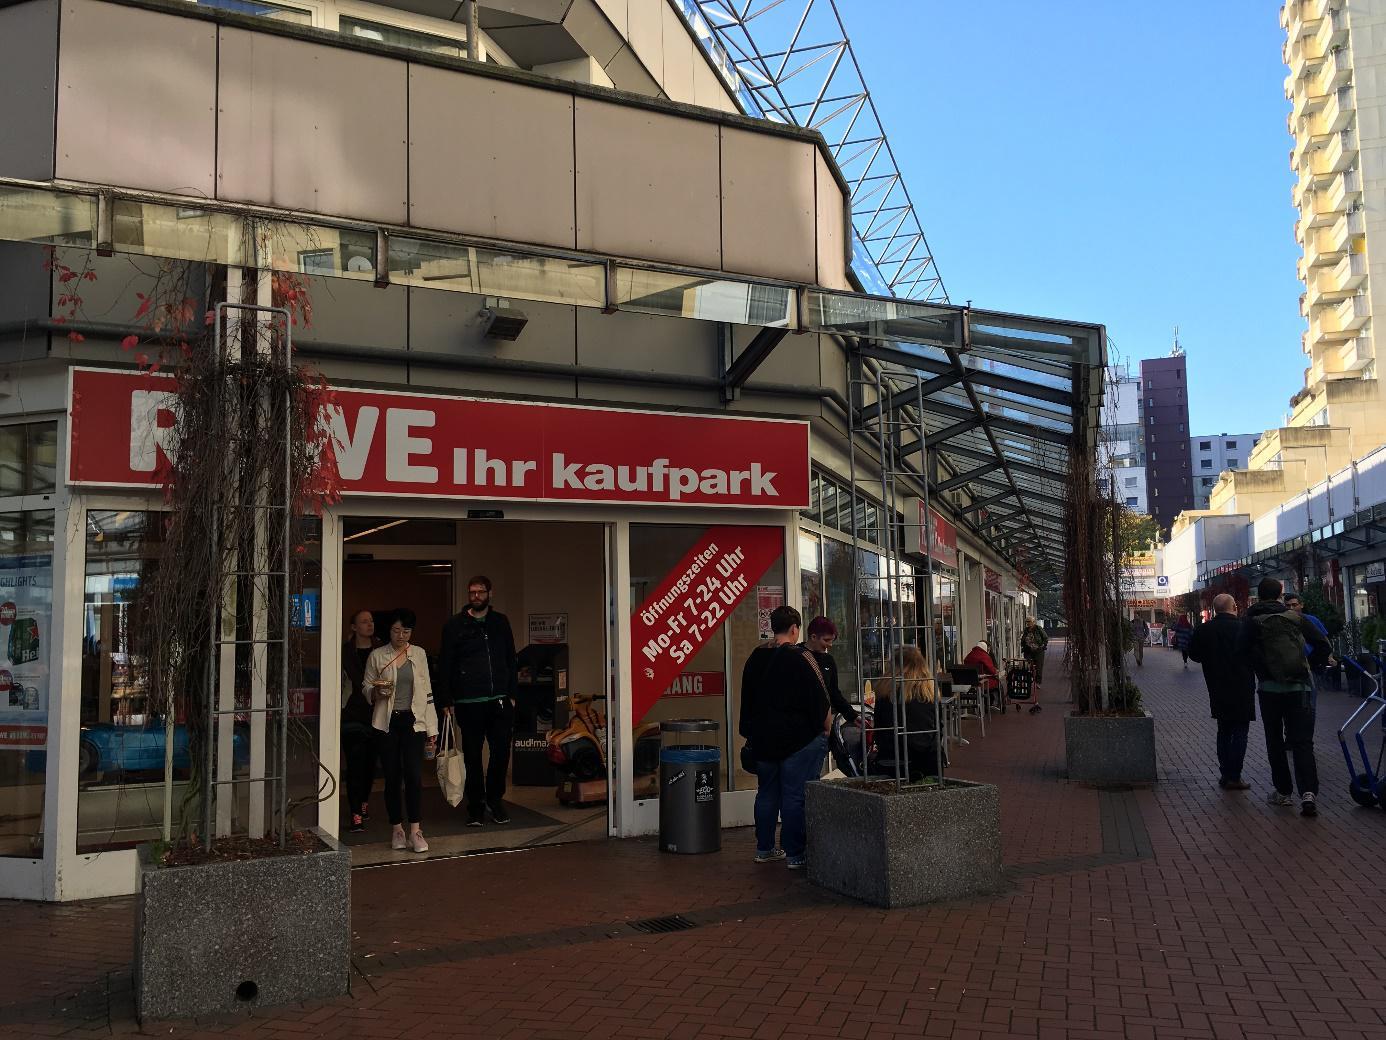 ドイツのスーパーは不思議。魚は売っていないが、お寿司は売っている